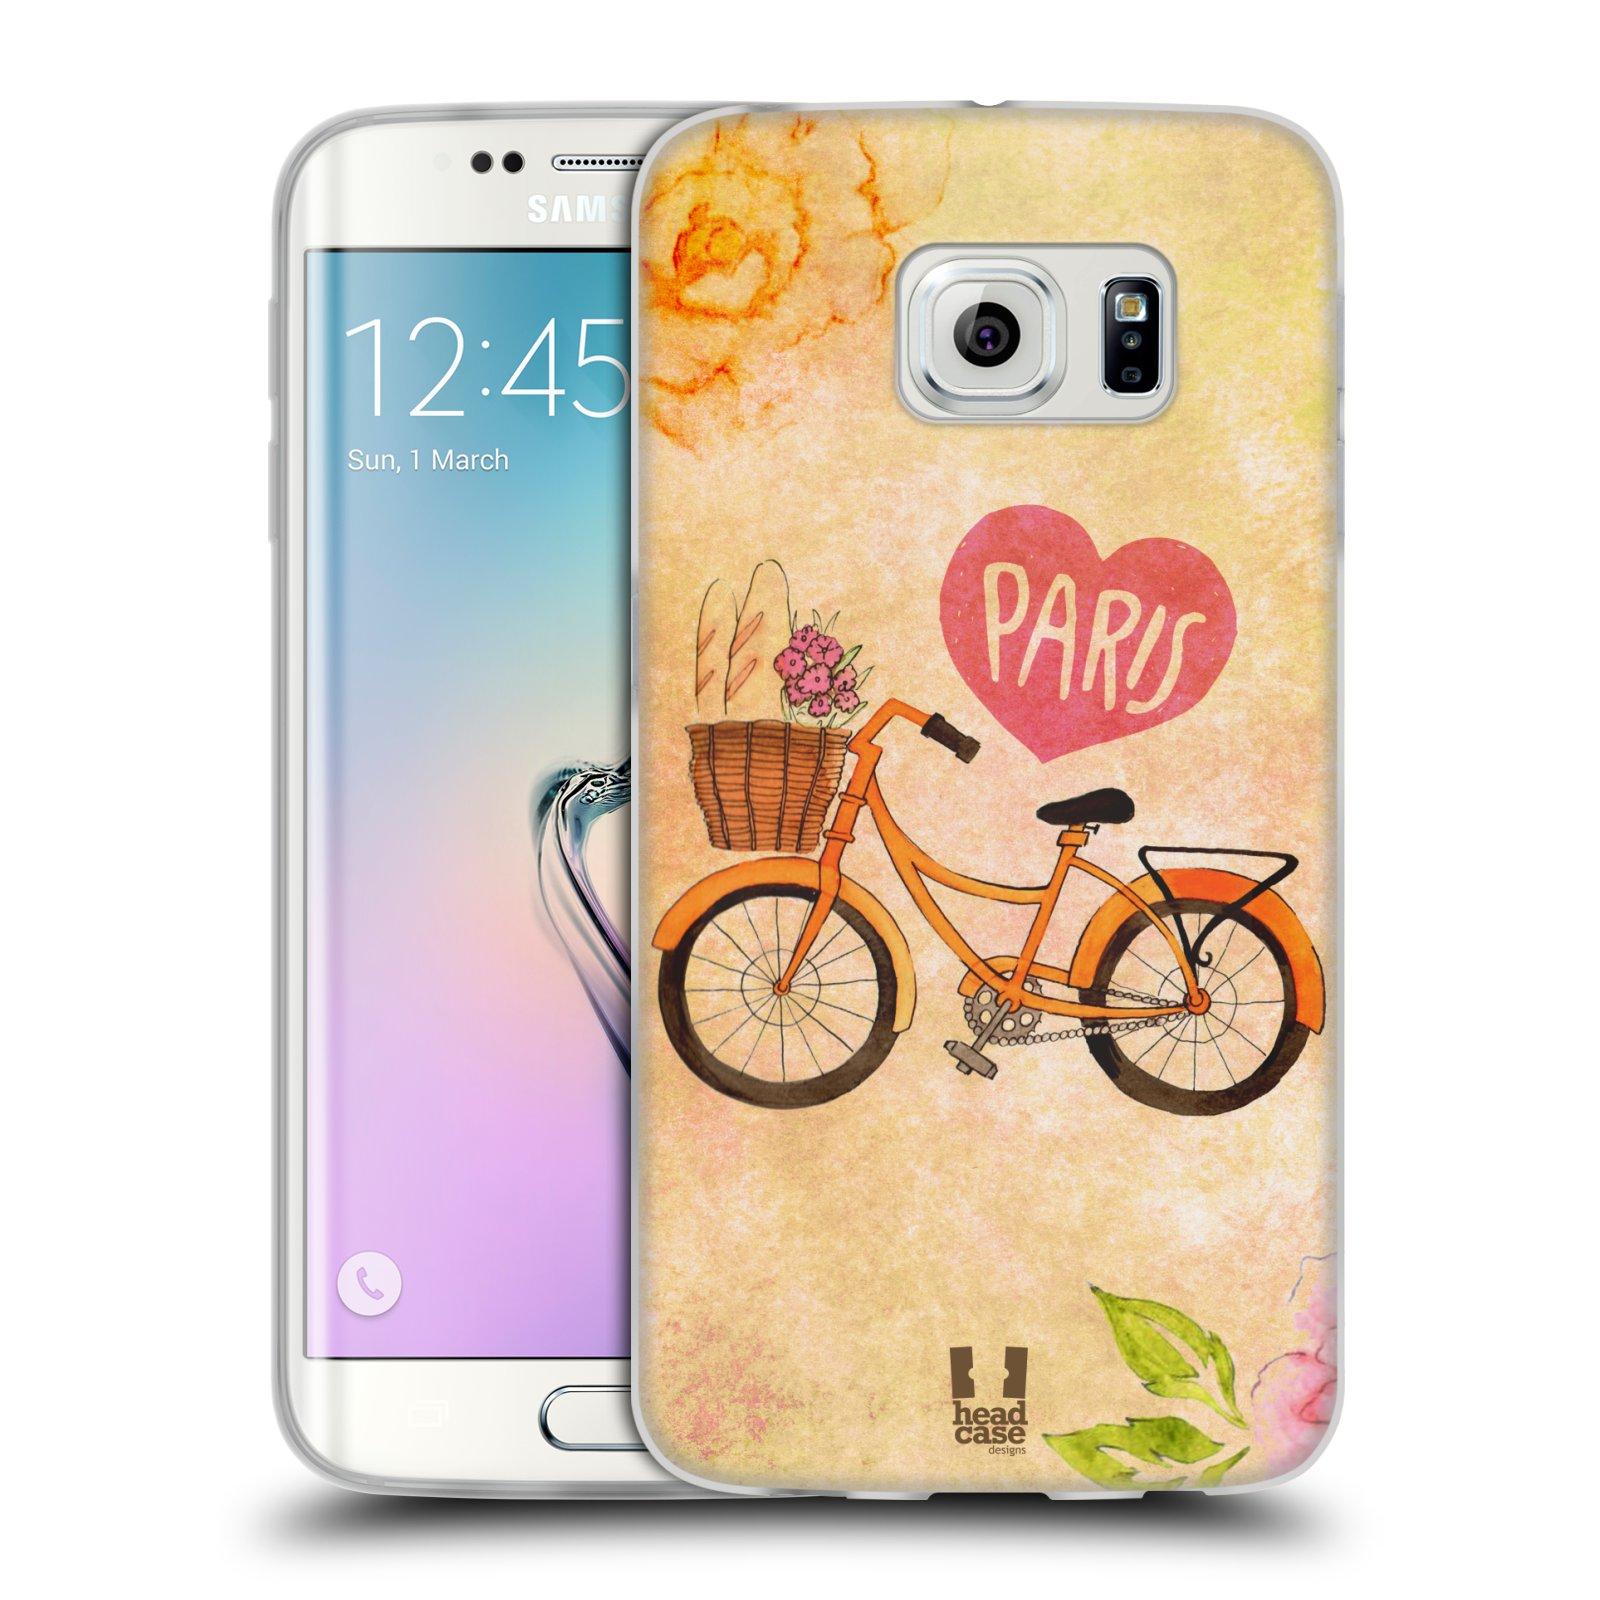 Silikonové pouzdro na mobil Samsung Galaxy S6 Edge HEAD CASE PAŘÍŽ NA KOLE (Silikonový kryt či obal na mobilní telefon Samsung Galaxy S6 Edge SM-G925F)